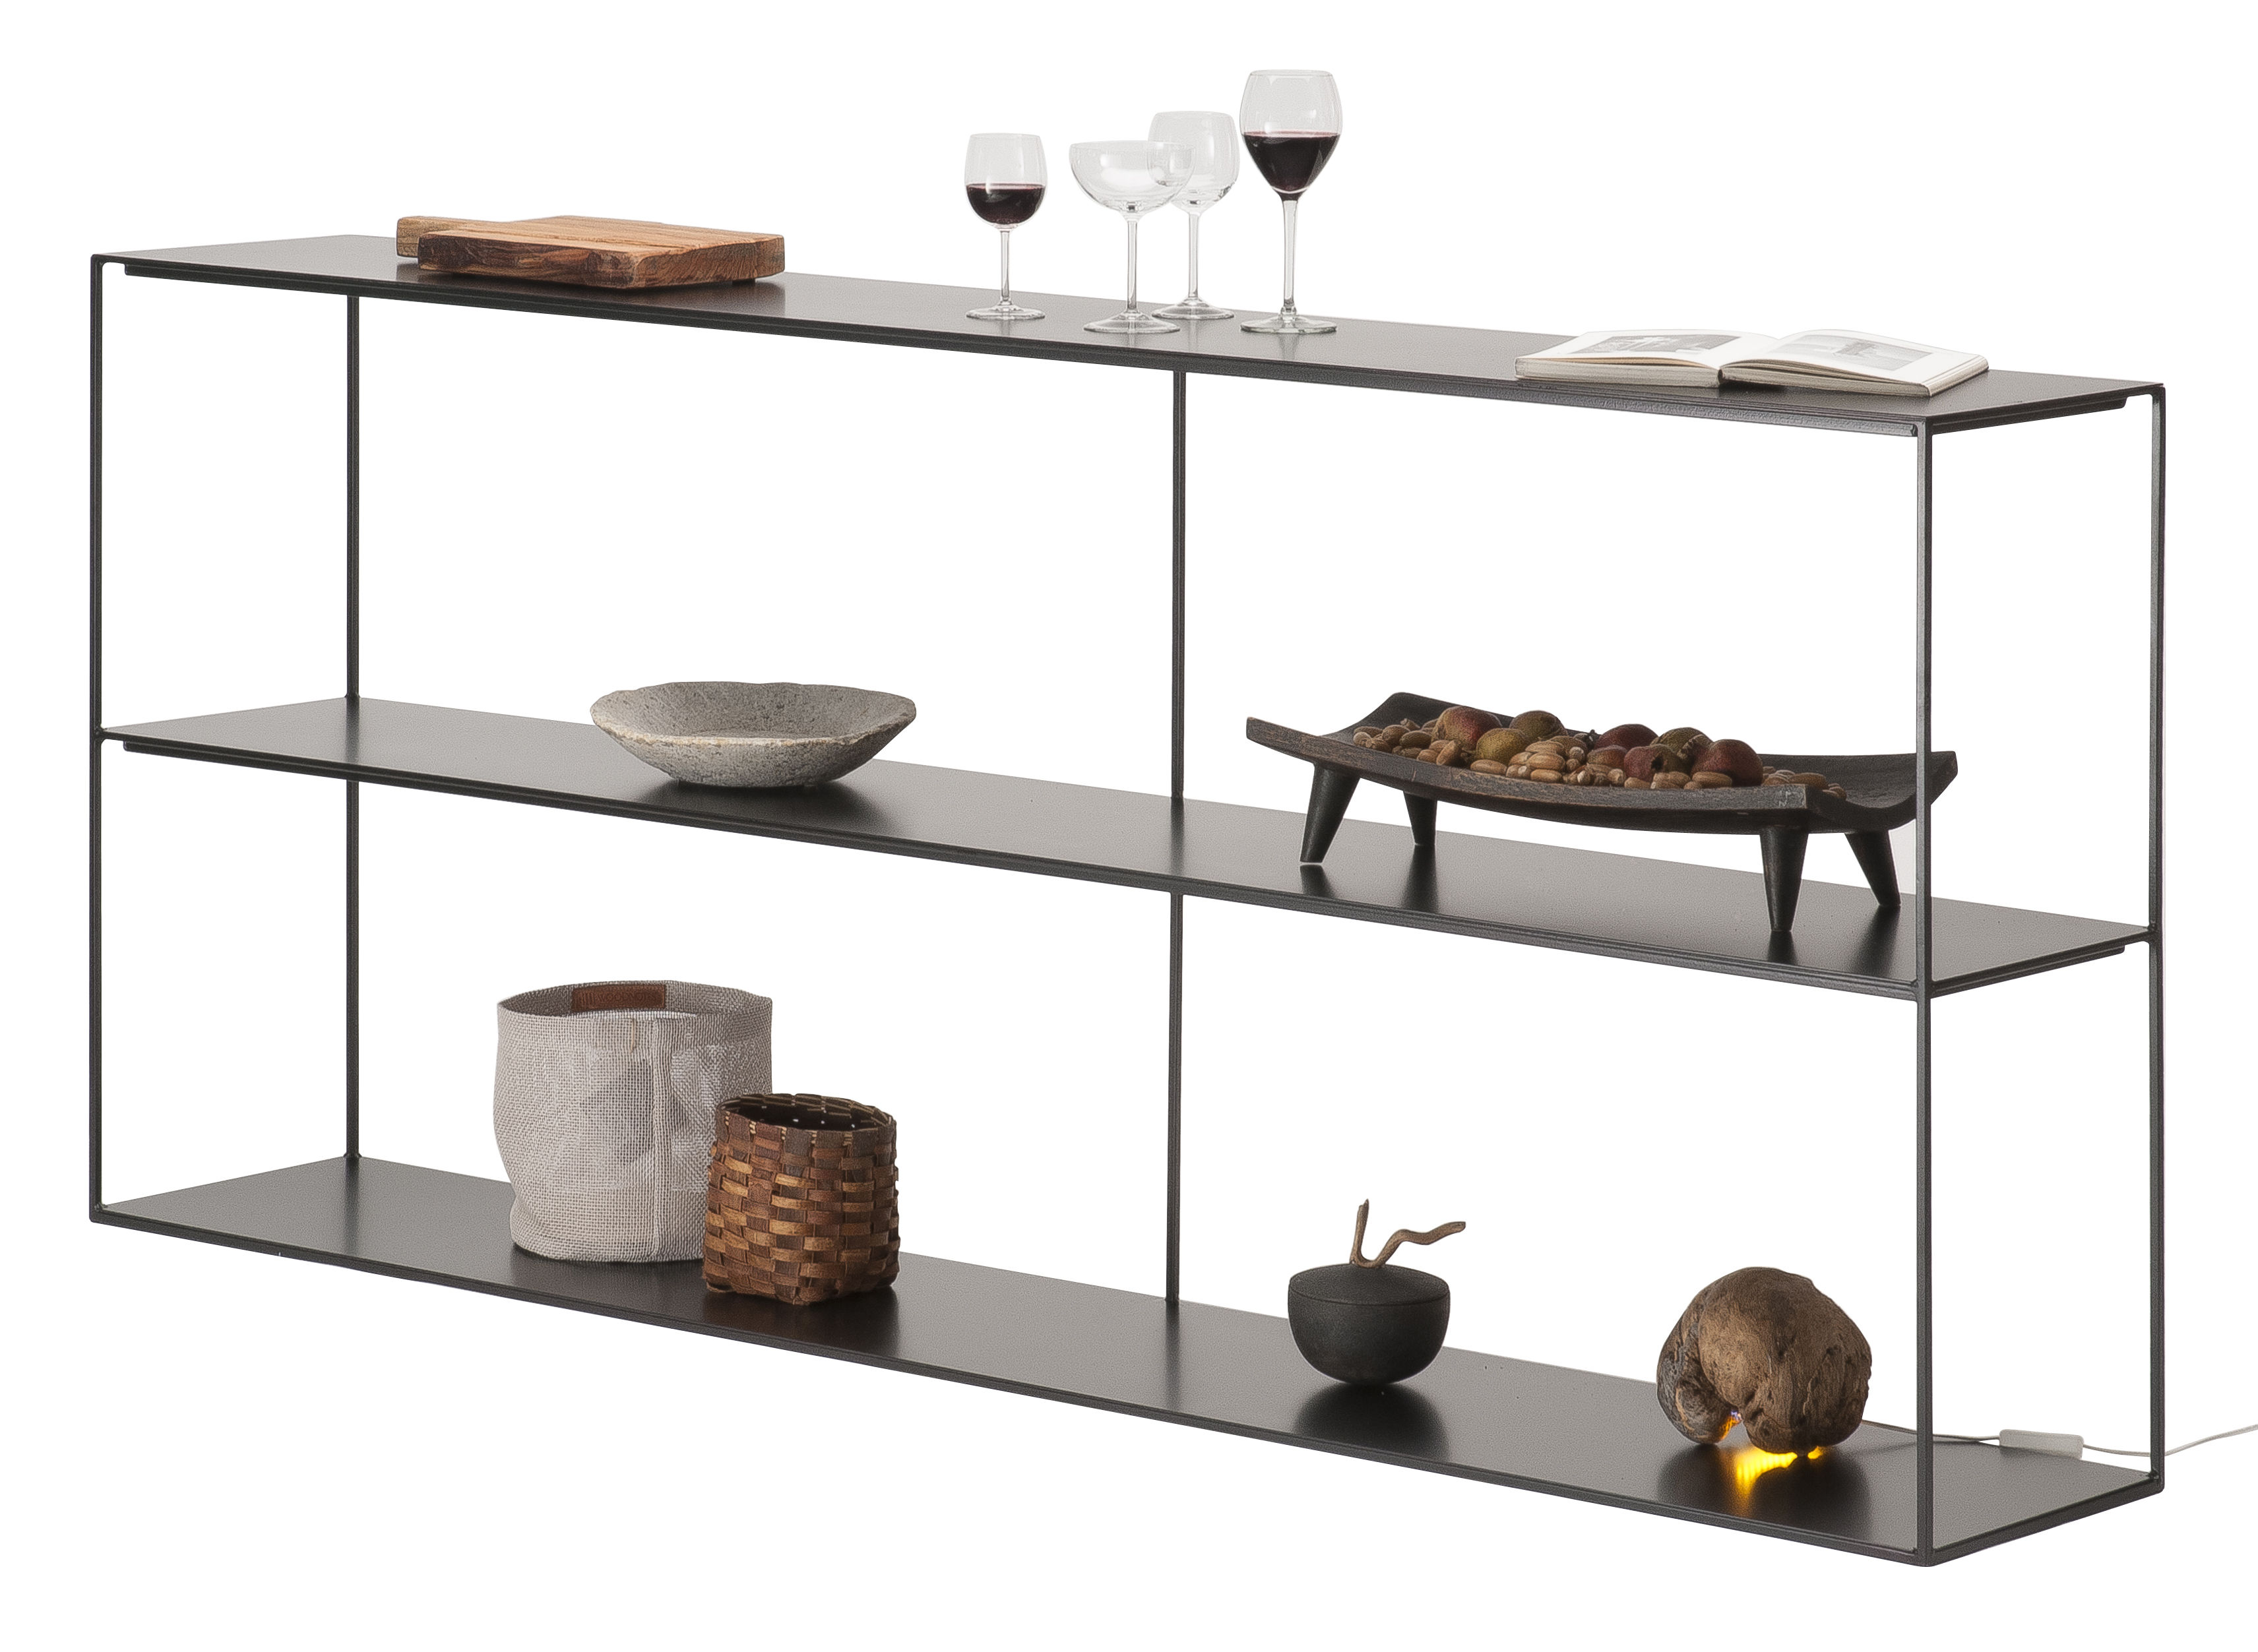 Mobilier - Etagères & bibliothèques - Etagère Slim Irony / L 180 x H 82 cm - Métal - Zeus - Noir cuivré - Acier